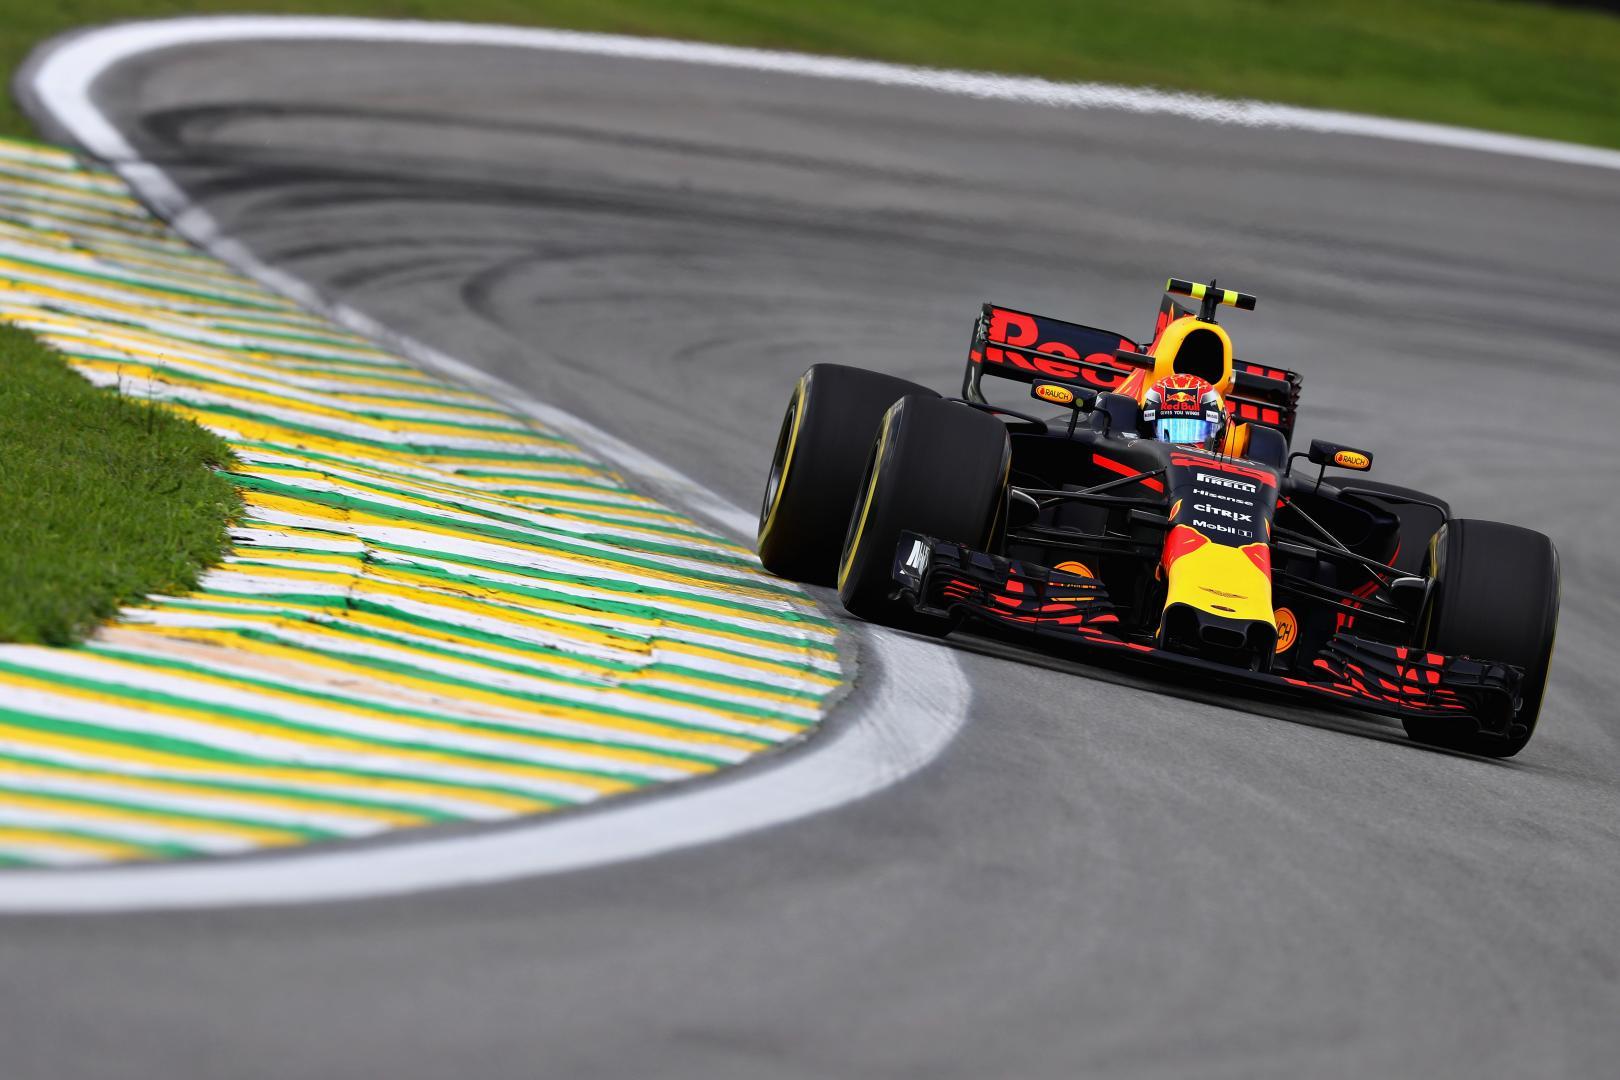 Kwalificatie van de GP van Brazilië 2017